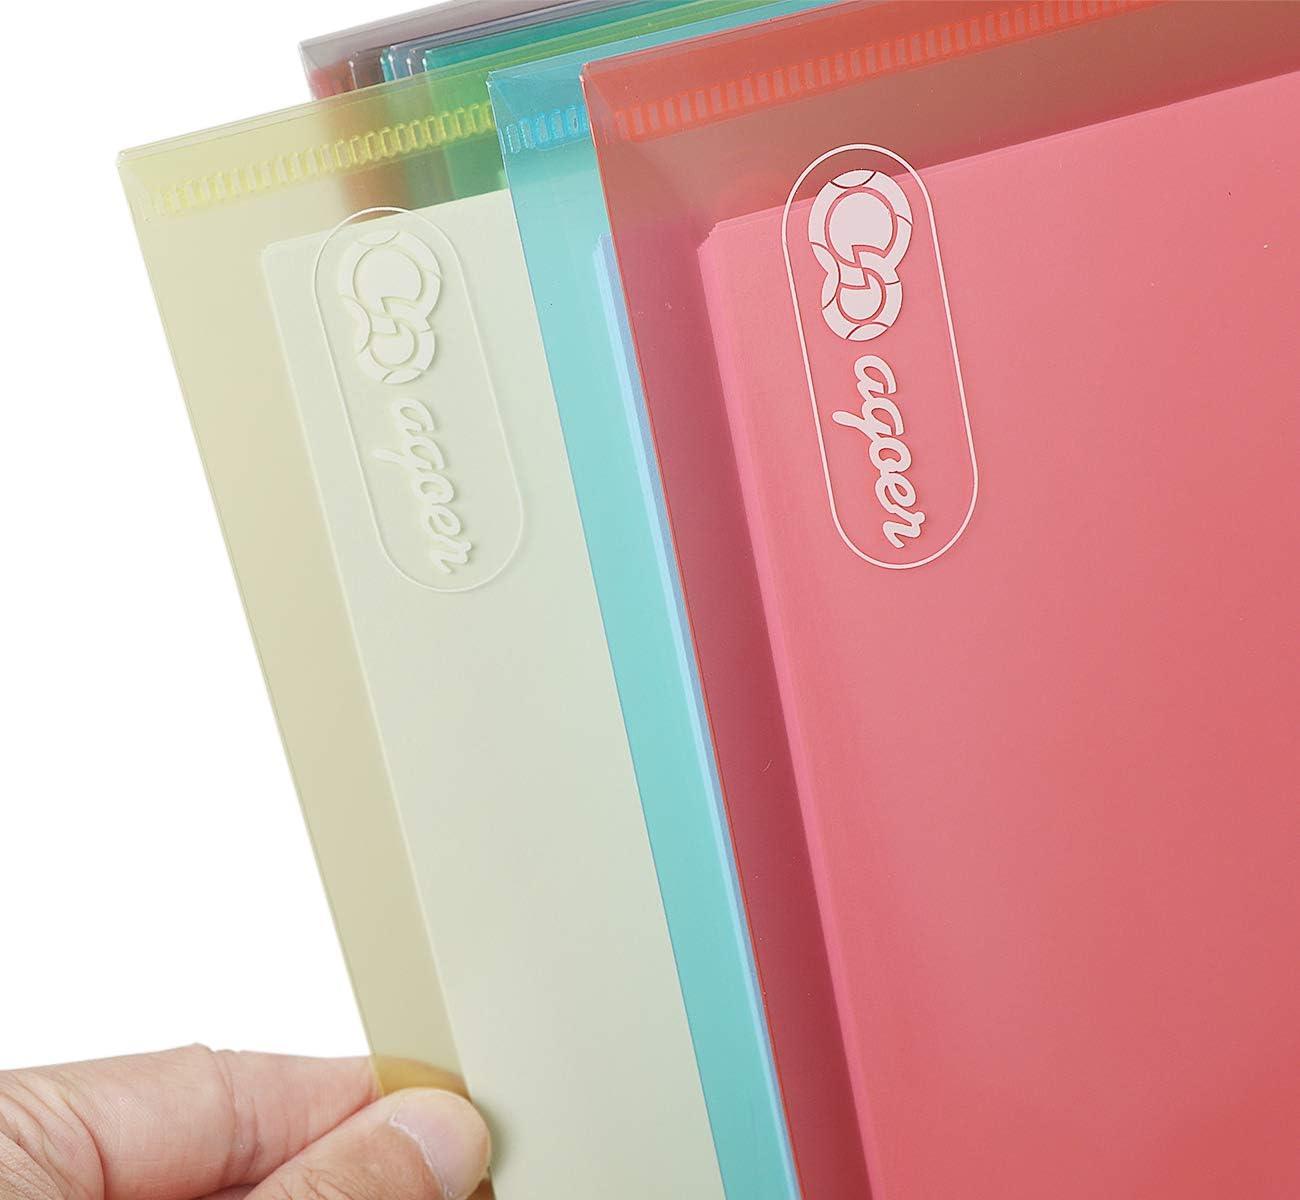 6 farbige Dokumentenmappe Brieftaschen zum Dokumenten Abheften mit Brief-Taschen und 30 St/ück Gifted Visitenkarte 24 x Klett-Verschluss Dokumententasche A4